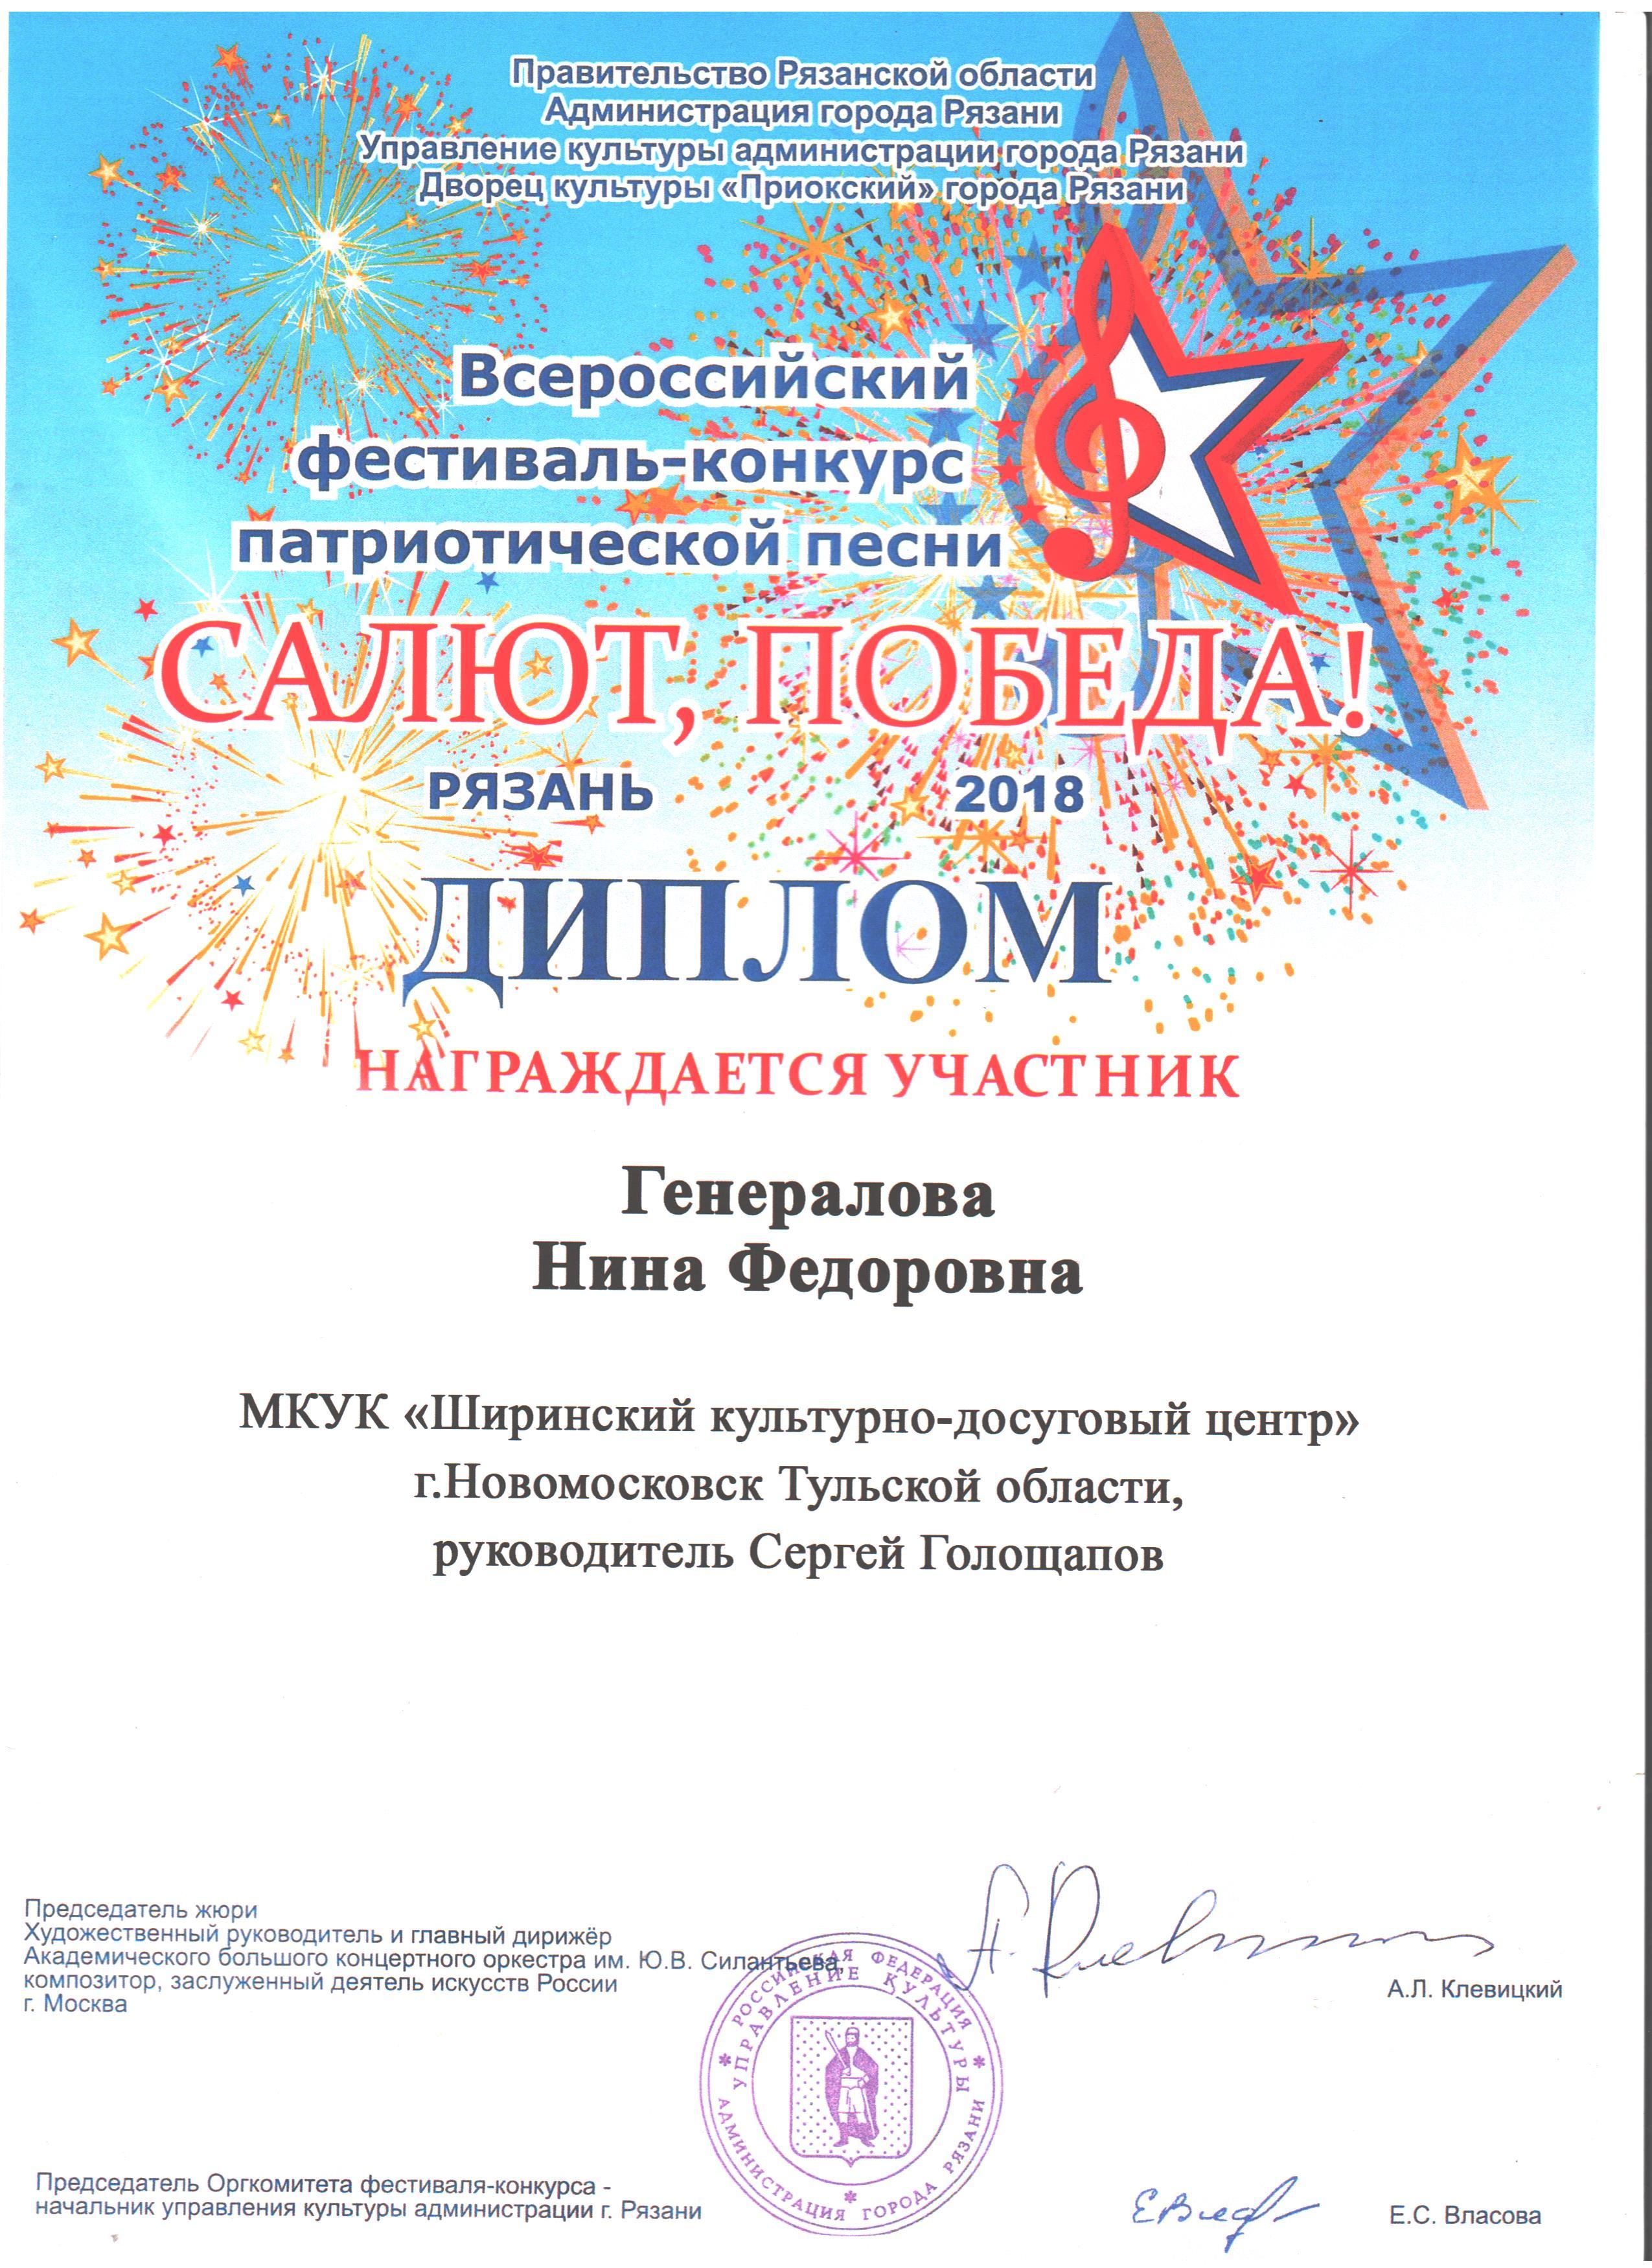 Генералова Рязань апрель 18 001